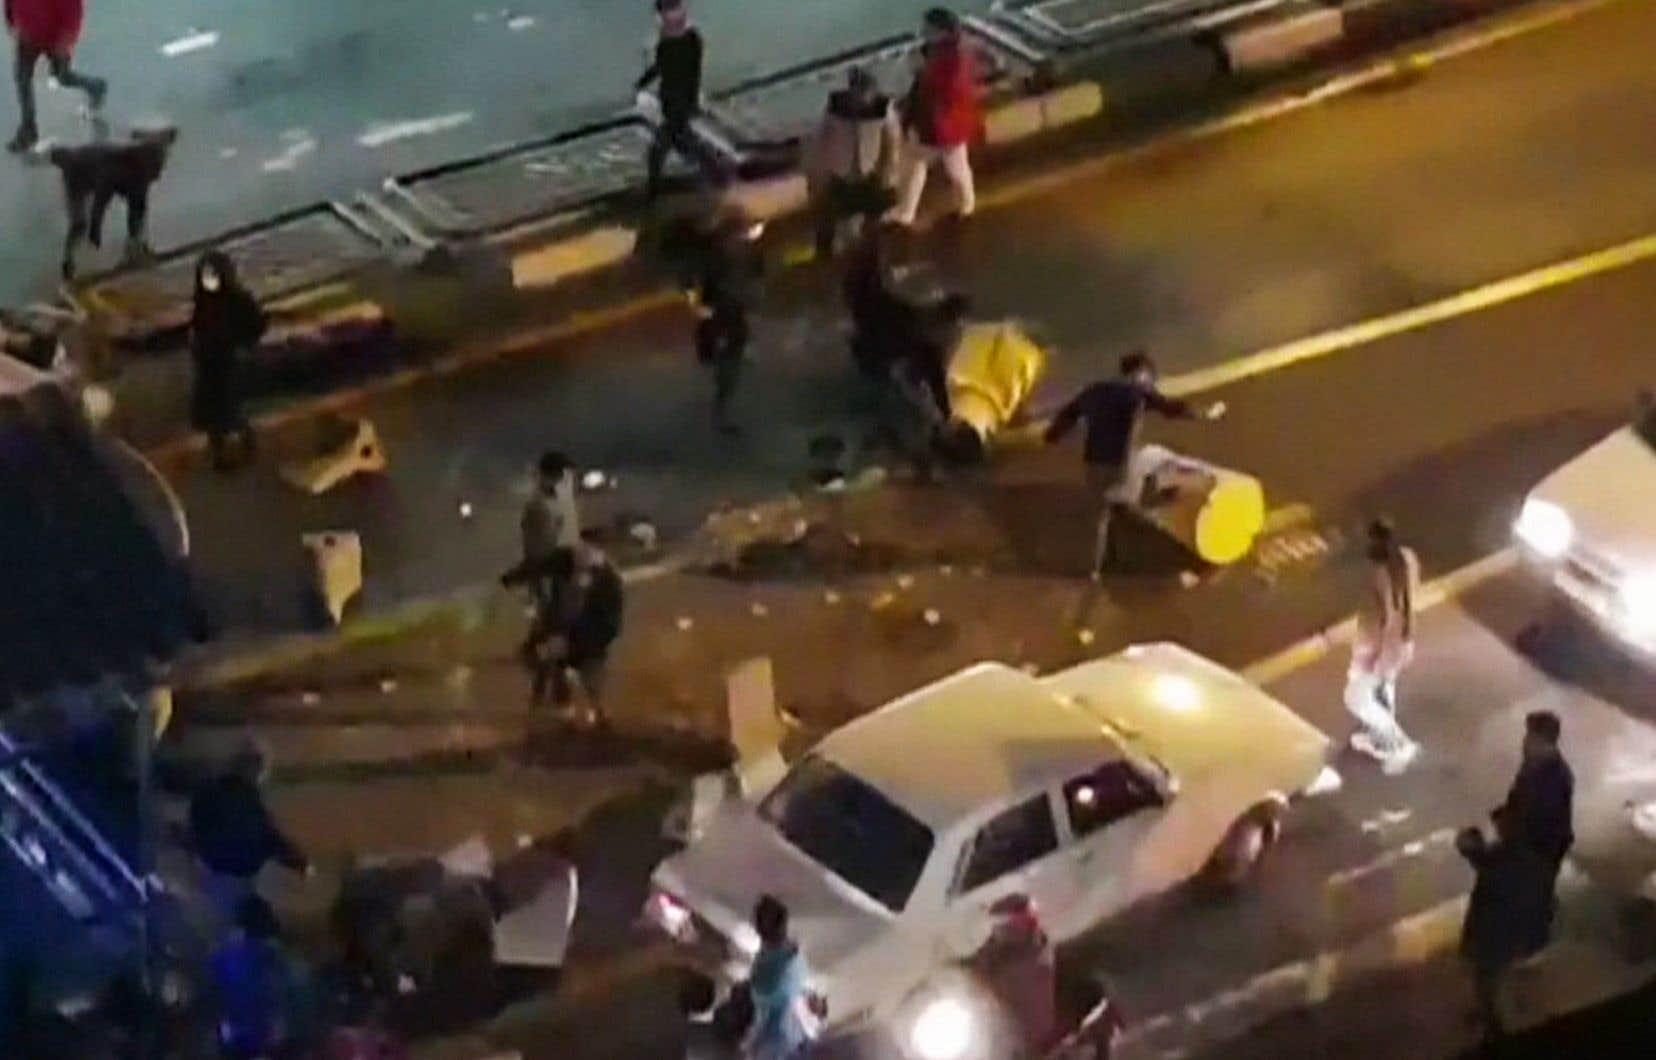 Une capture d'écran d'une vidéo distribuée par l'agence iranienne Mehr News montre un groupe d'hommes poussant des barrières dans une rue de Téhéran le 30 décembre 2017.